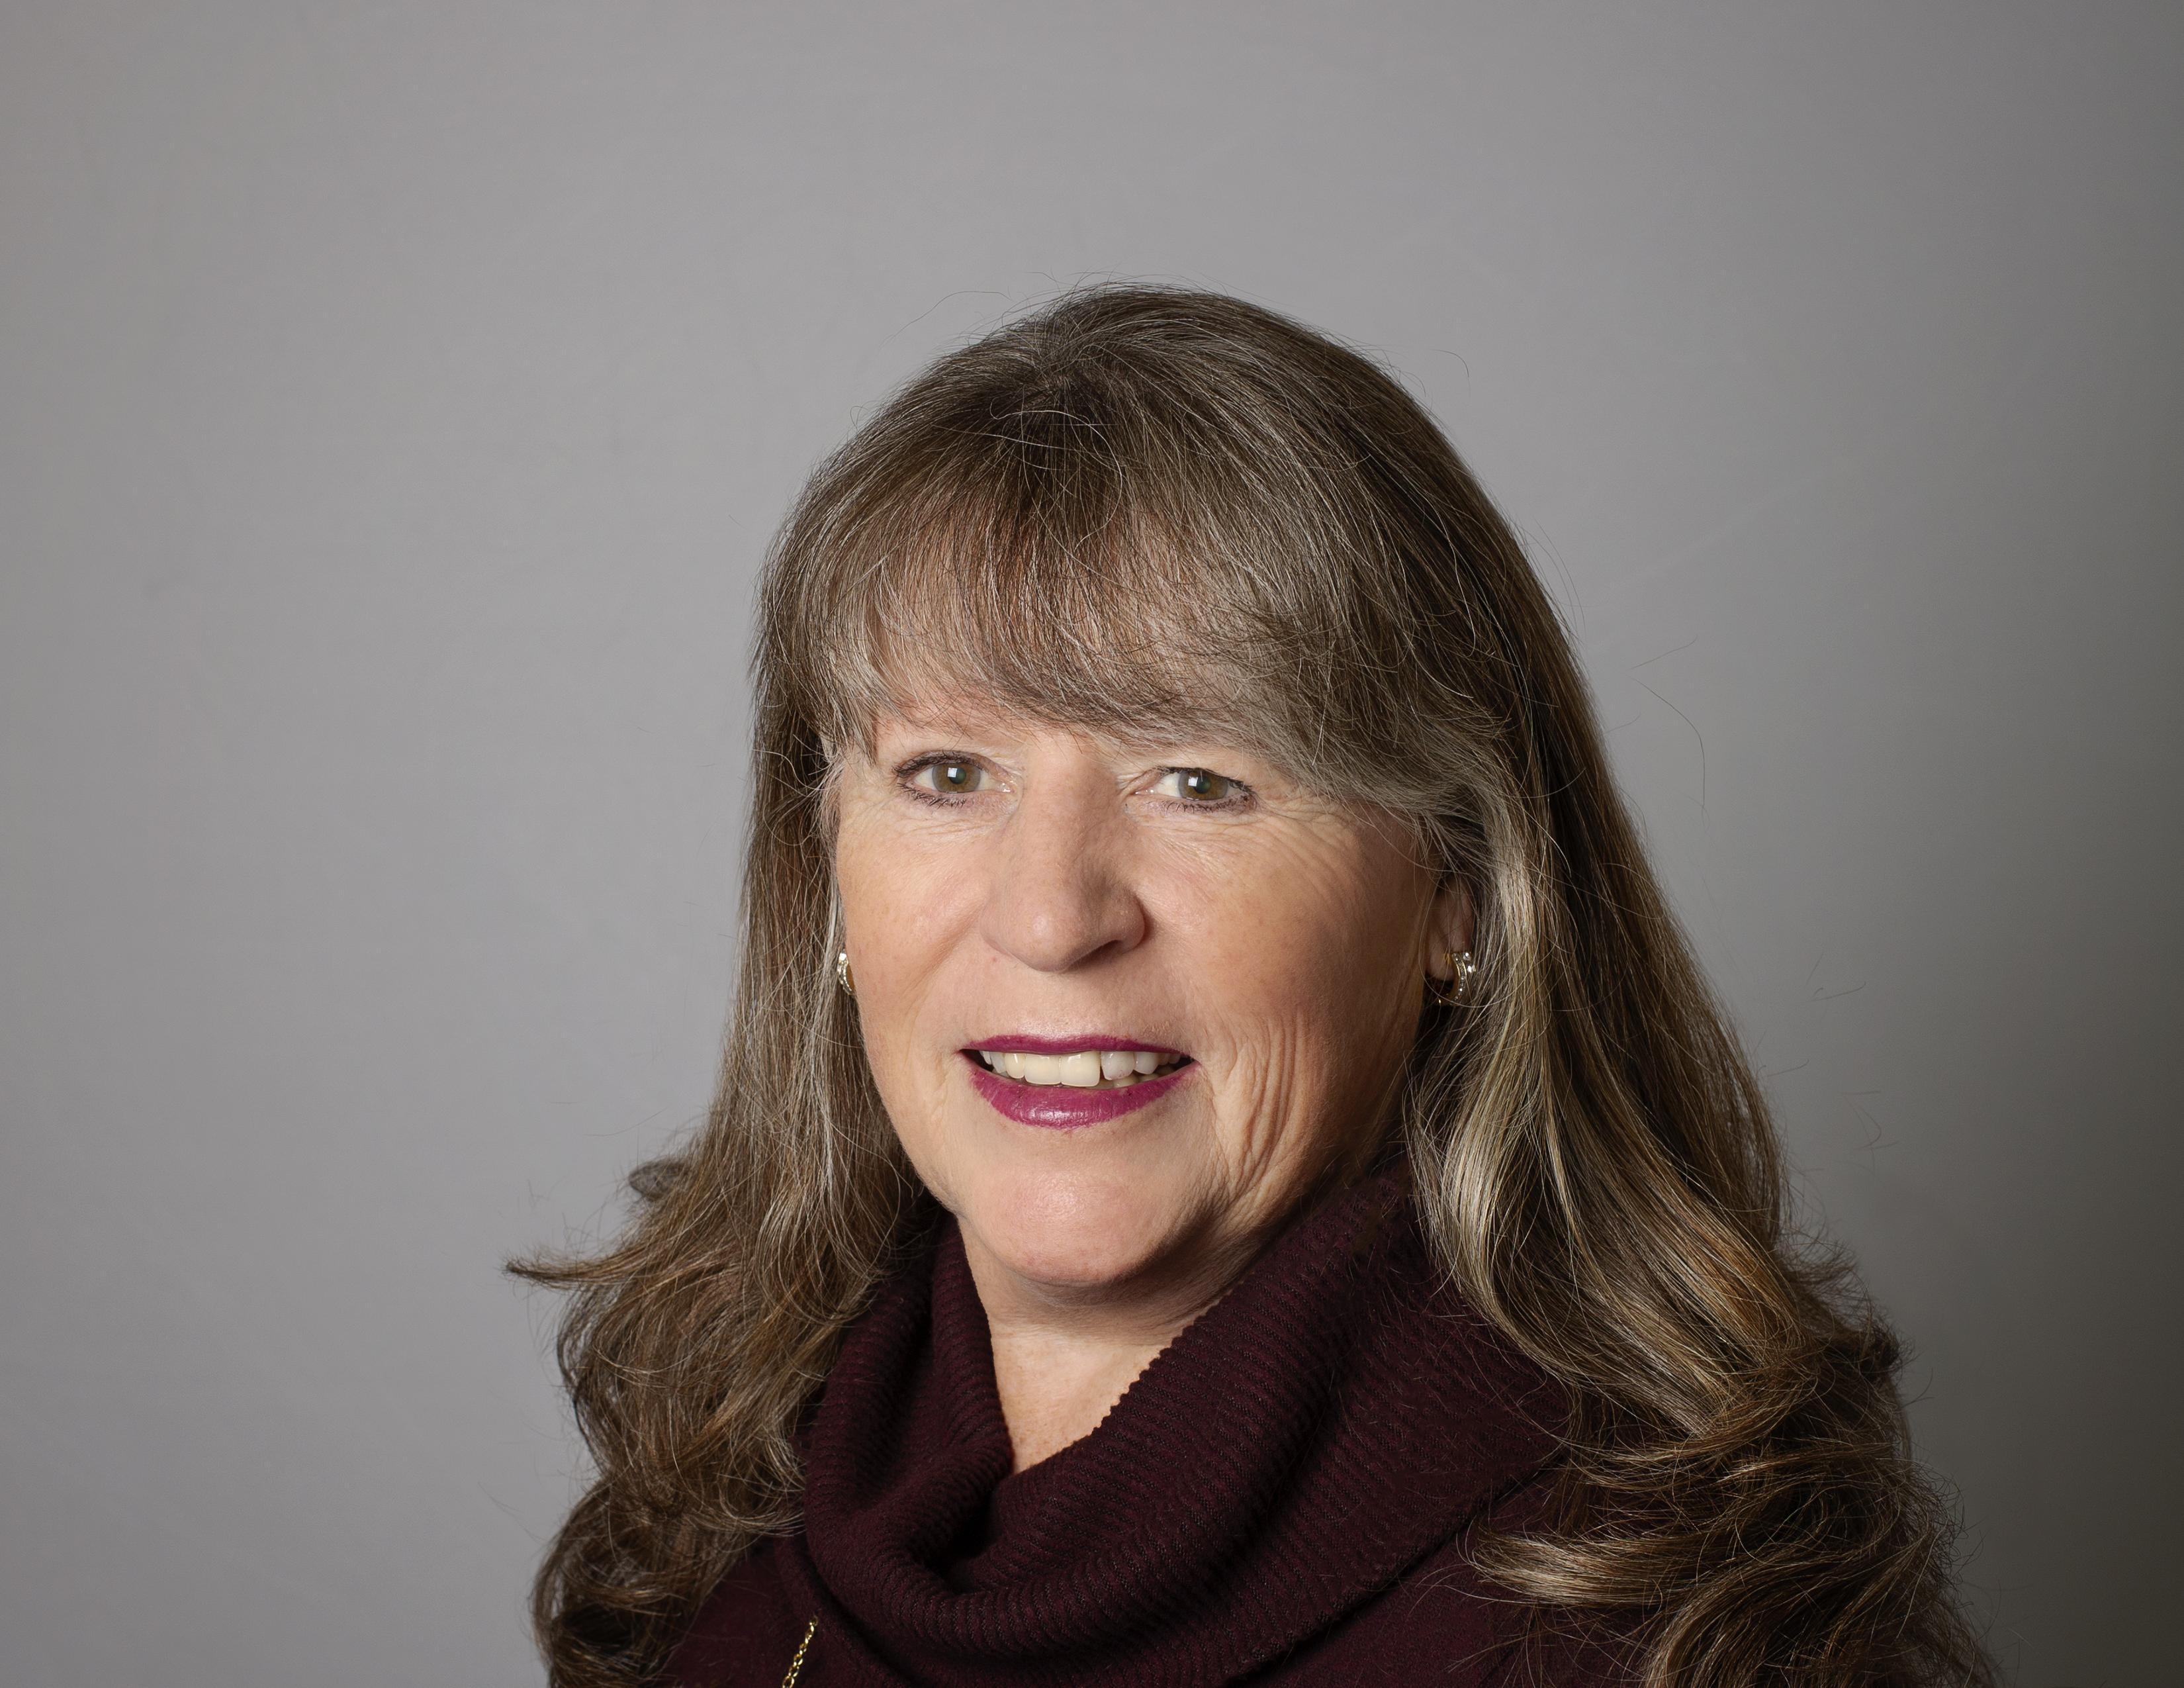 Bonnie Olmschenk